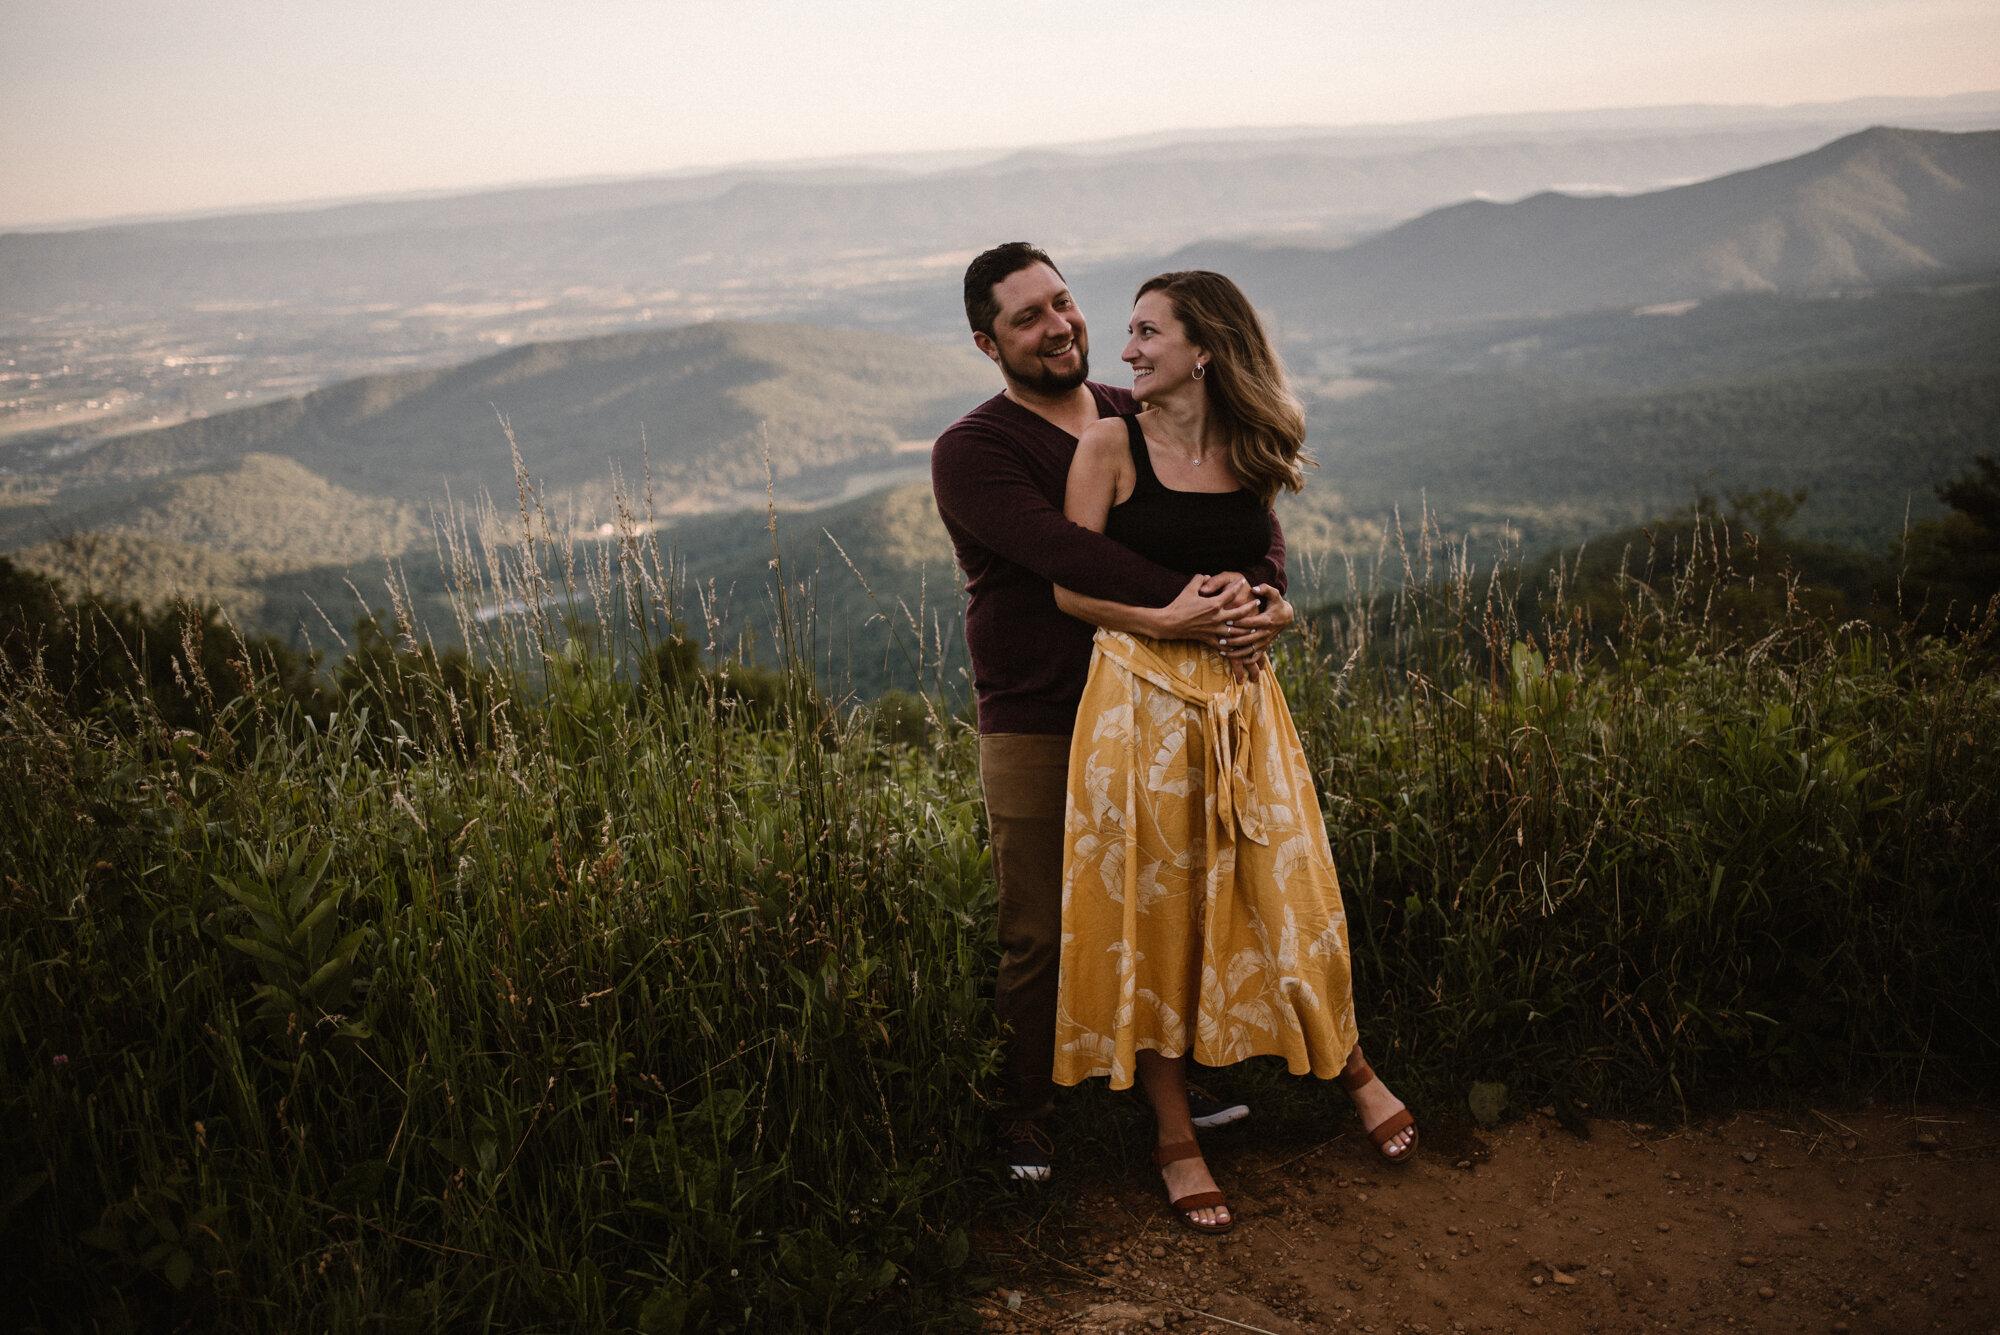 Shenandoah National Park Engagement Session - Sunrise Mountain Couple Photo Shoot - Blue Ridge Mountain Photo Shoot - Shenandoah National Park Photographer - White Sails Creative _19.jpg